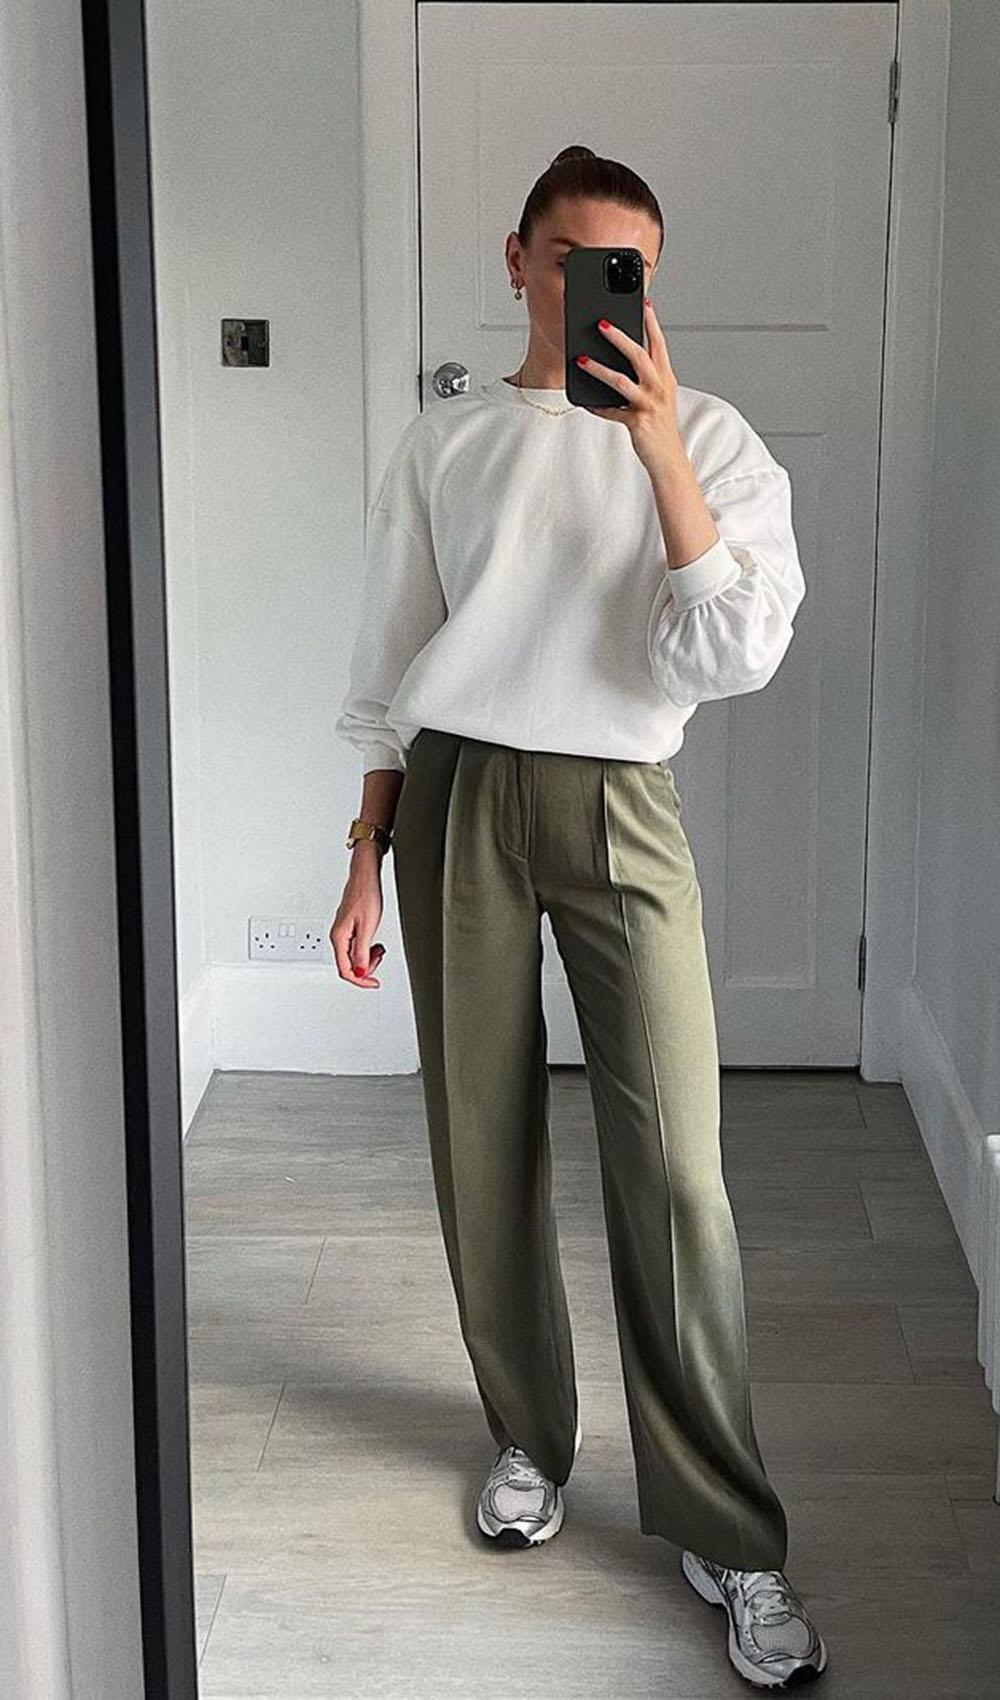 Look minimlaista com calça de alfaiataria e tênis